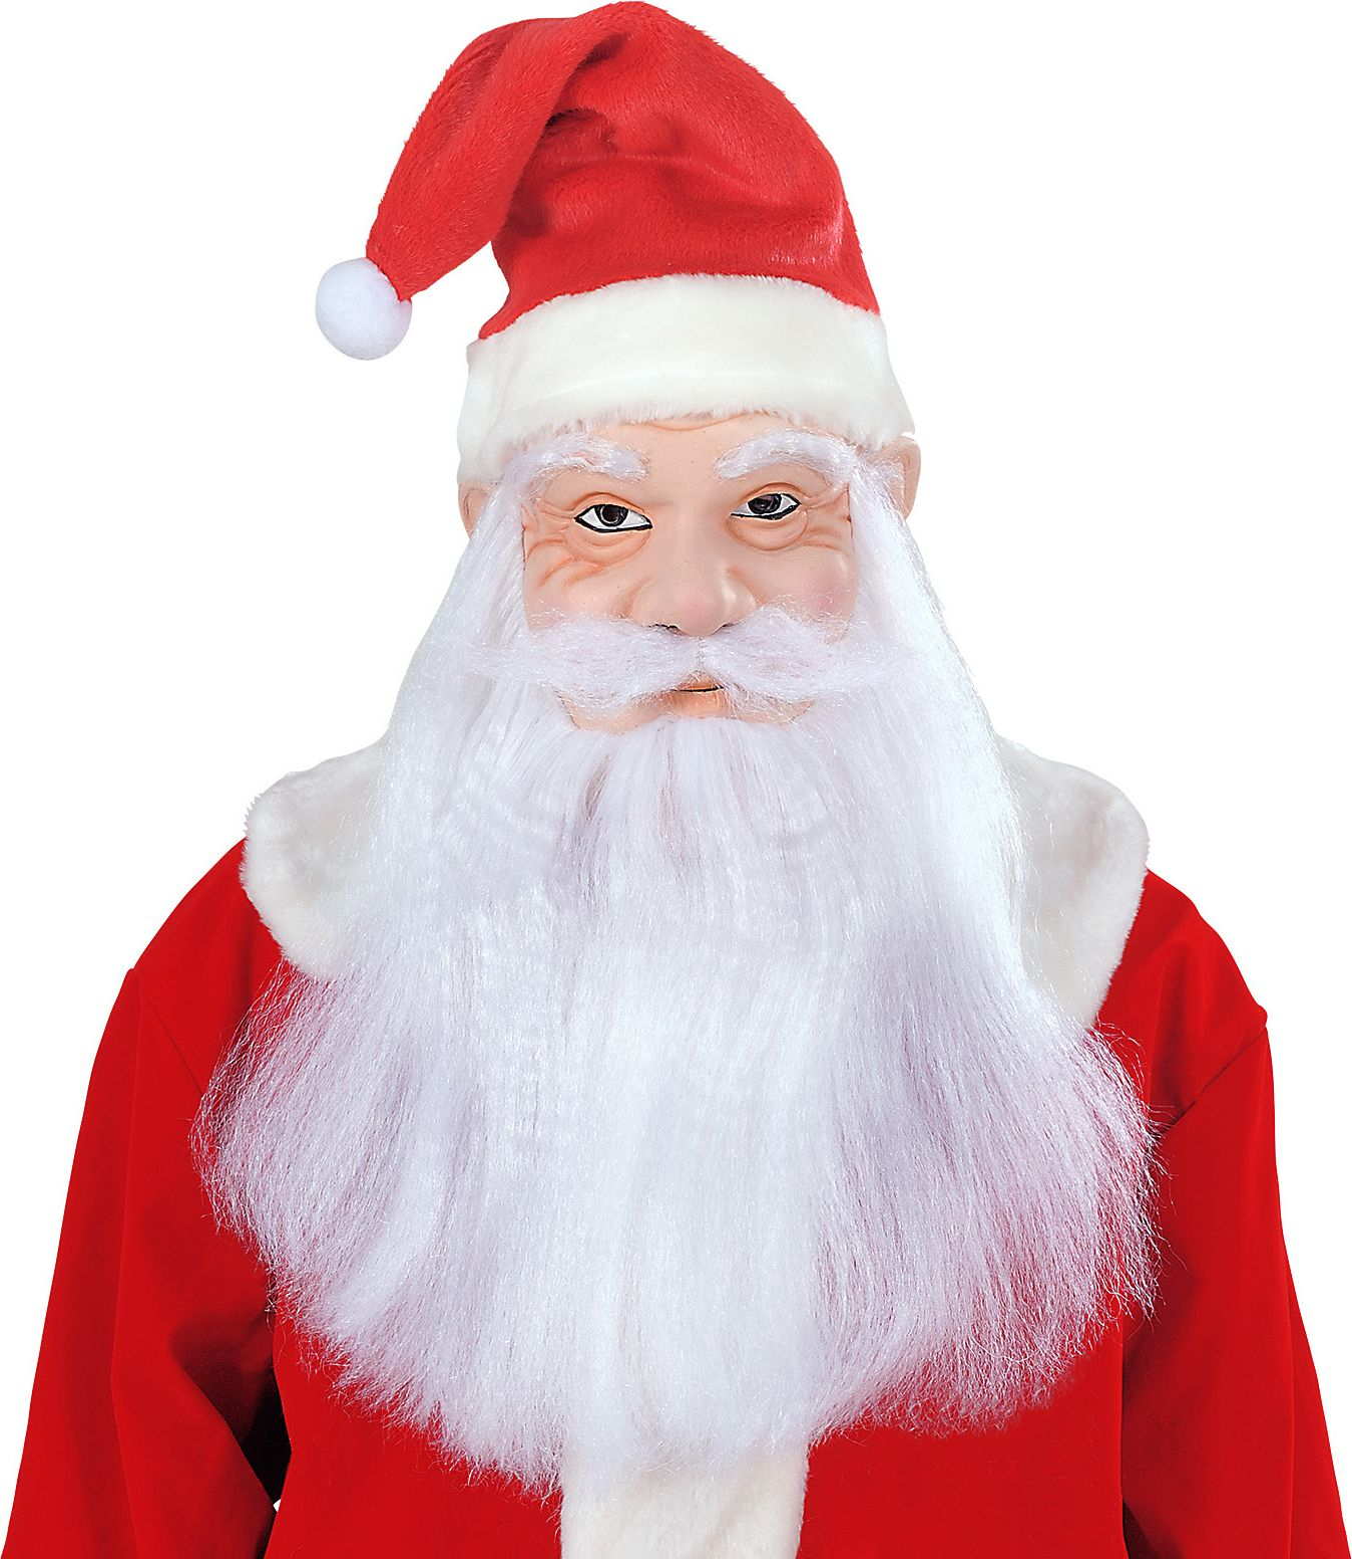 Kerstman masker met muts, pruik, baard en snor